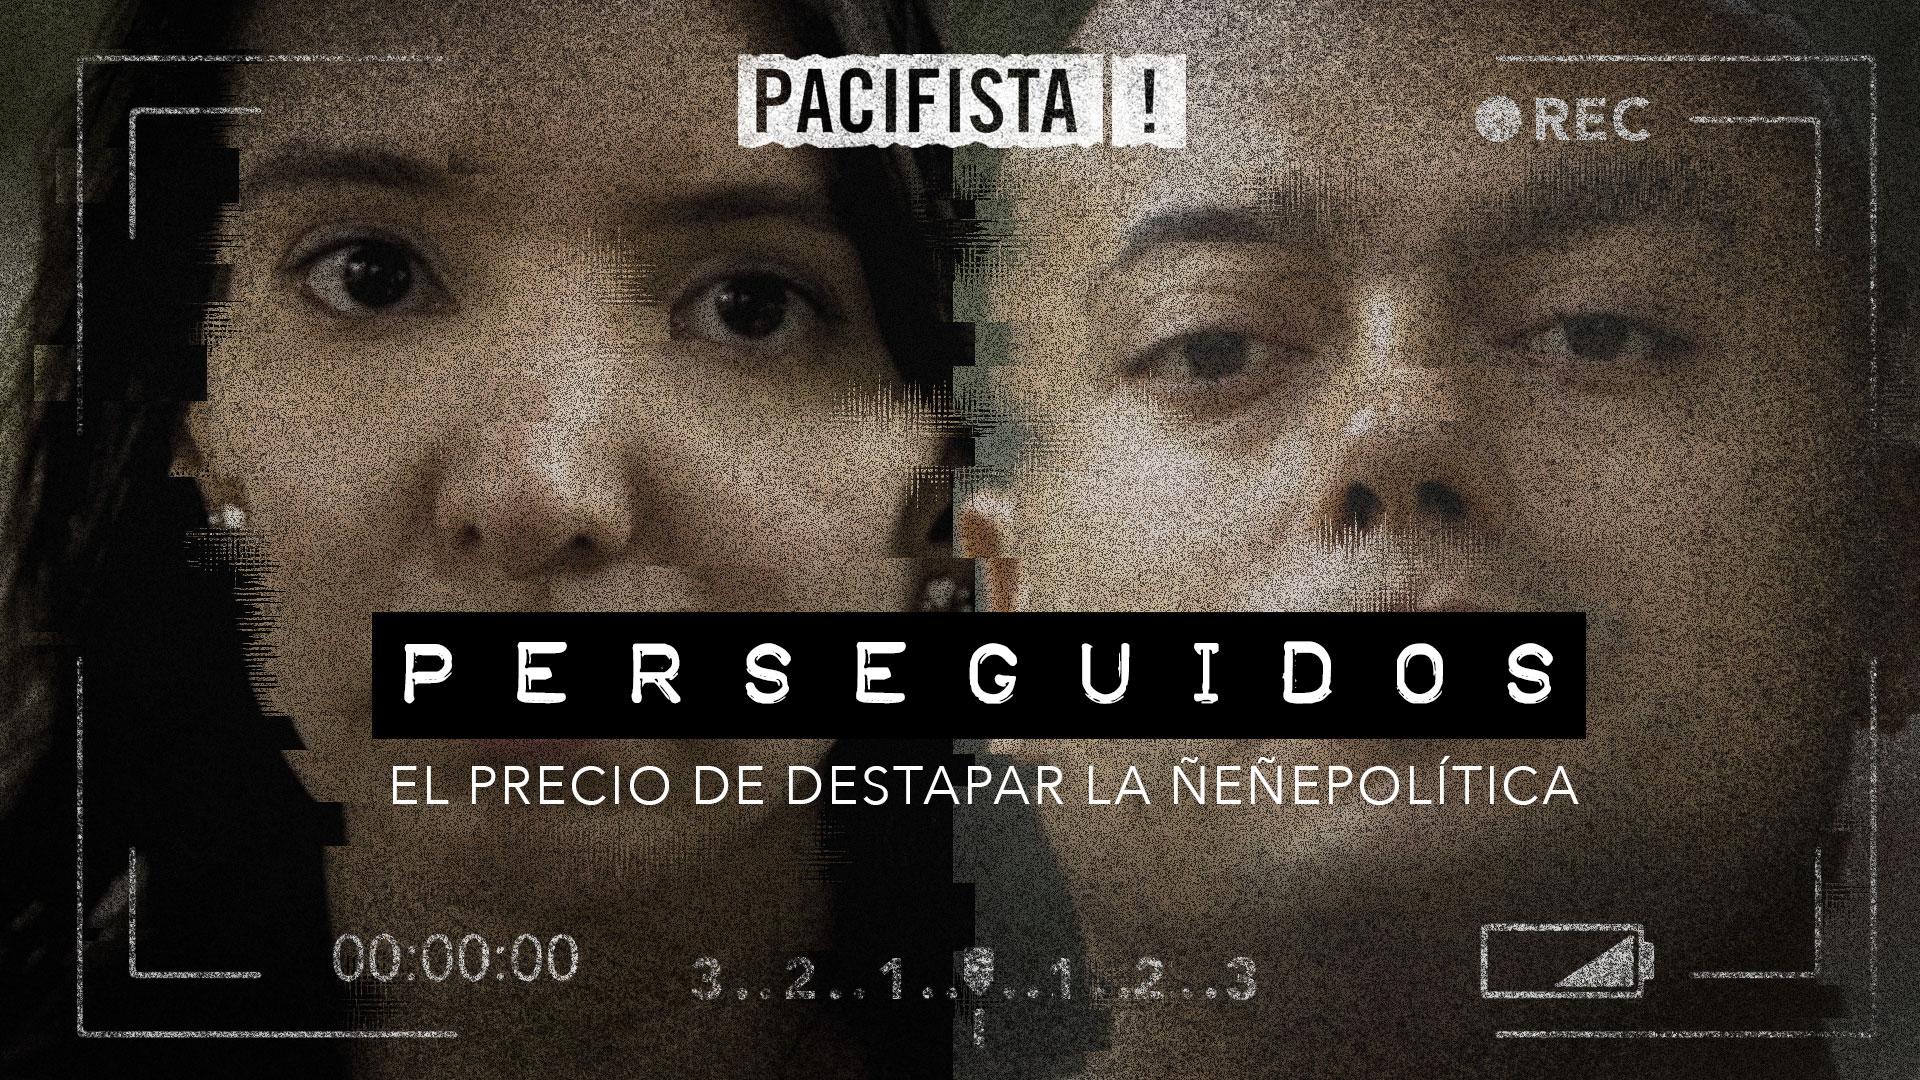 Perseguidos: el precio de destapar la Neñepolítica